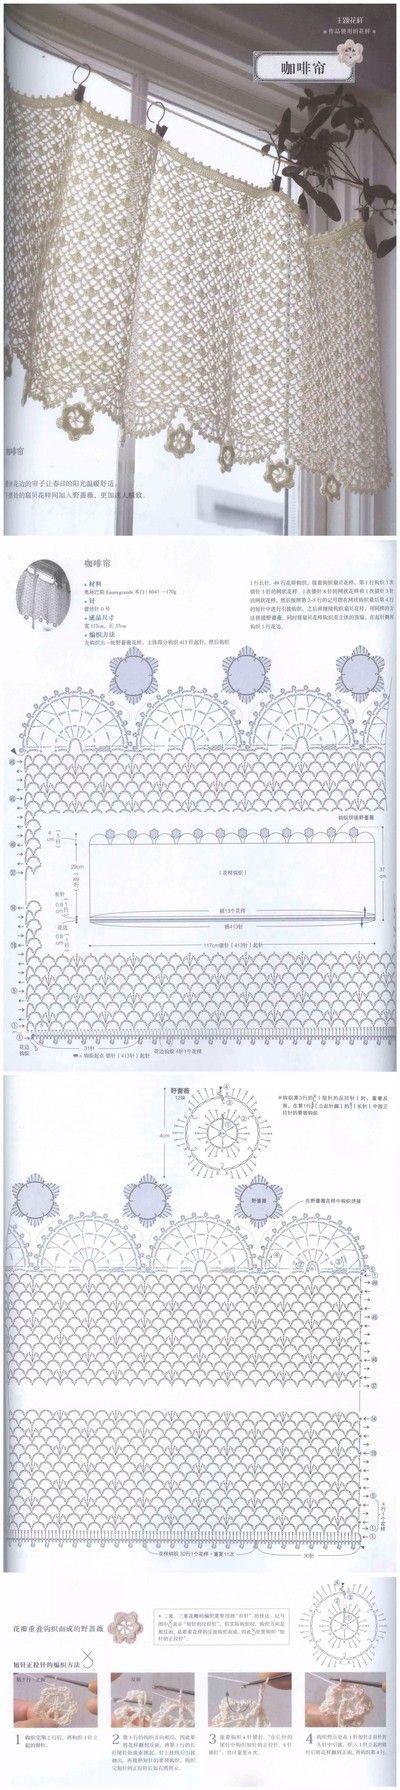 堆糖 发现生活_收集美好_分享图片.   Kitchen curtain pattern.   Different edgings. Place for rod